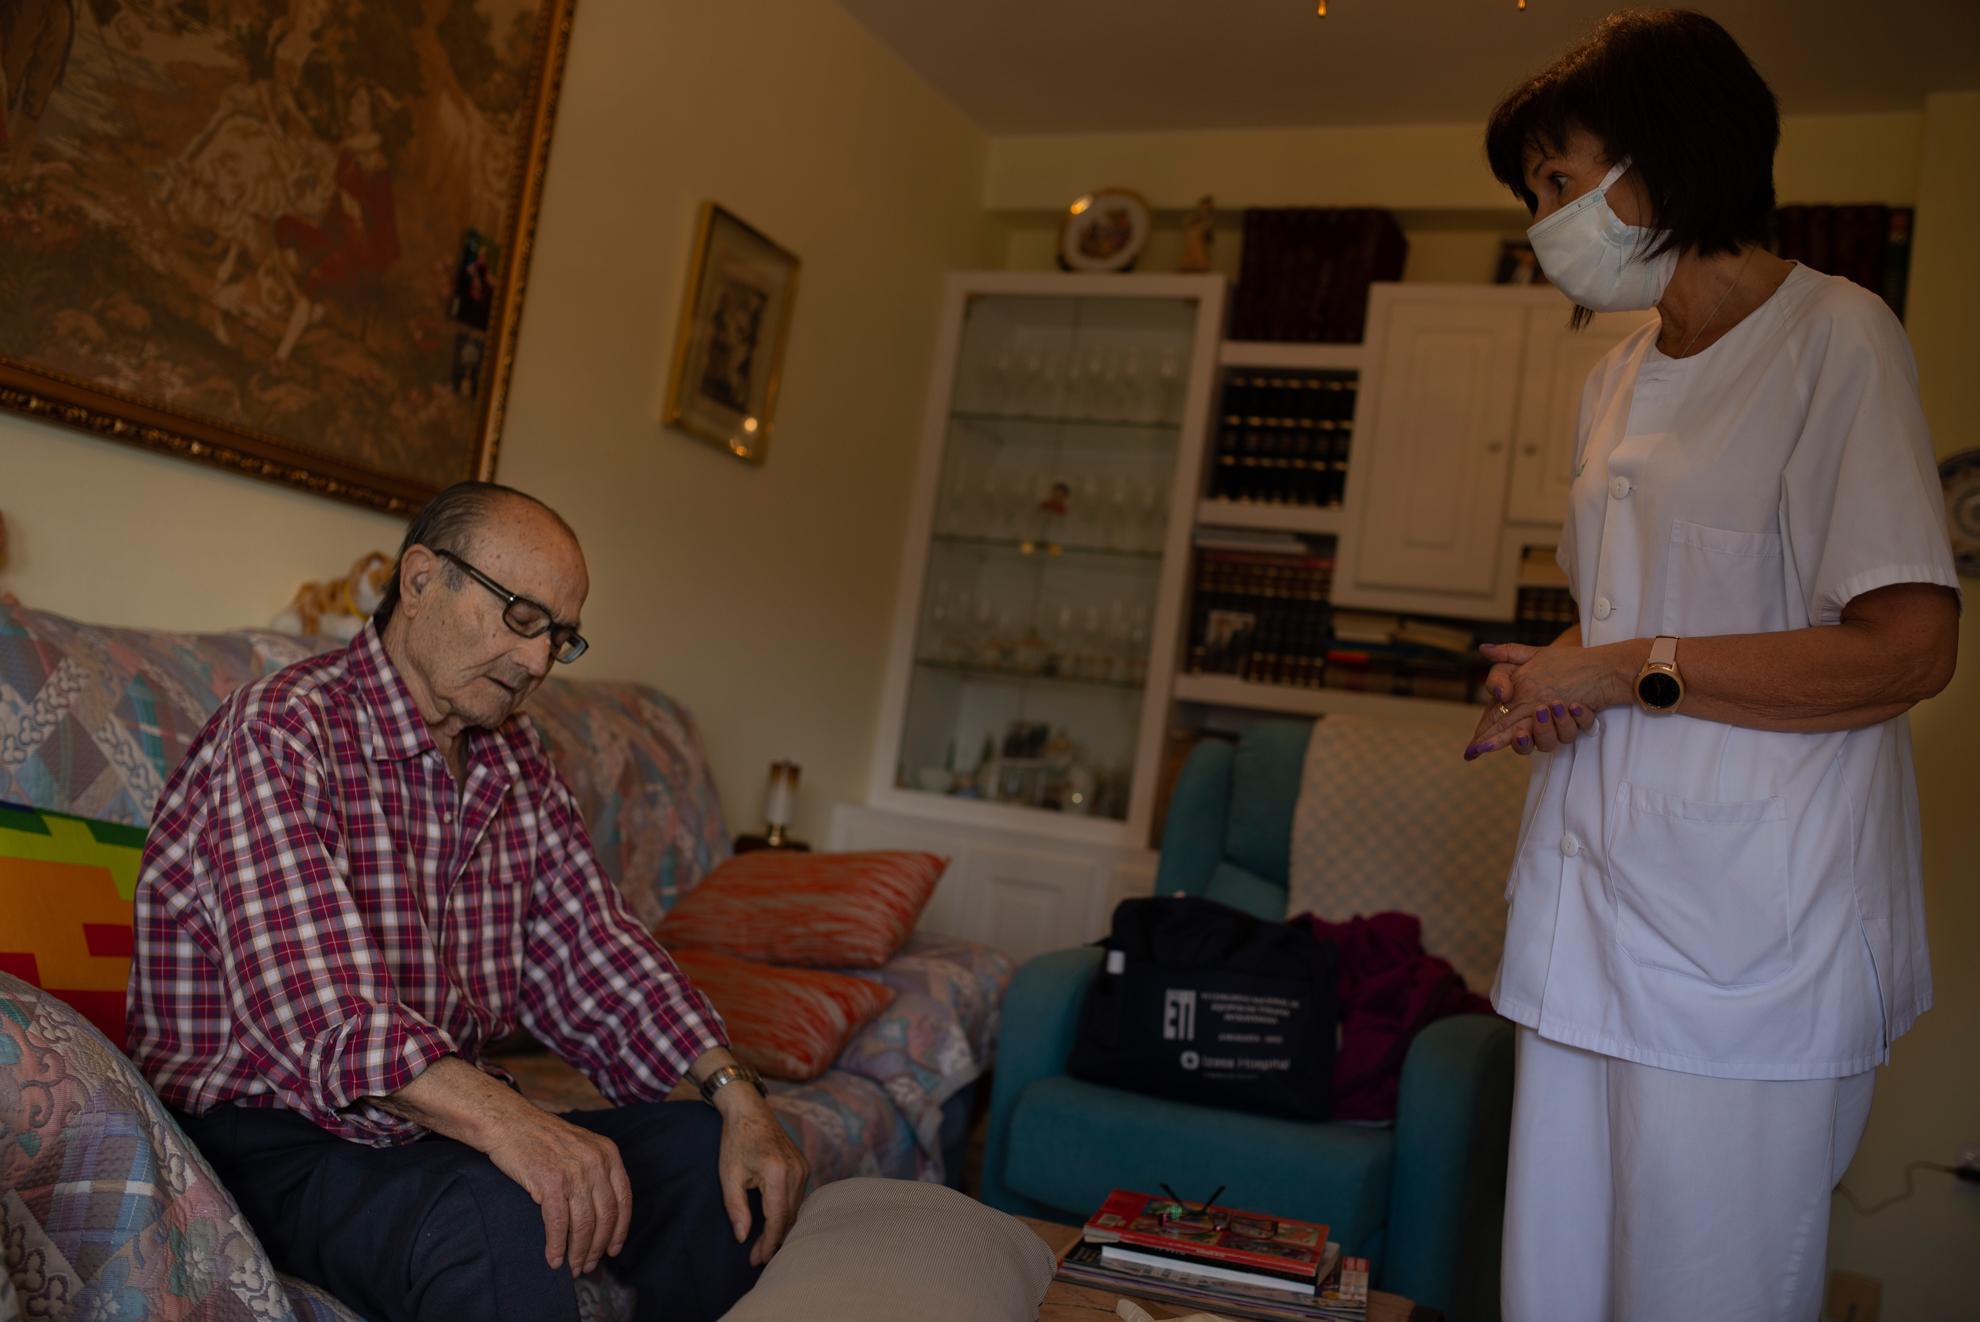 Teresa, enfermera del Centro de Salud Arrabal visita a Ángel en su ronda diaria a los domicilios de los más mayores. Desde el inicio de la pandemia han incrementado estas visitas domiciliarias para que sus pacientes de más edad no tengan que desplazarse hasta centro de salud.